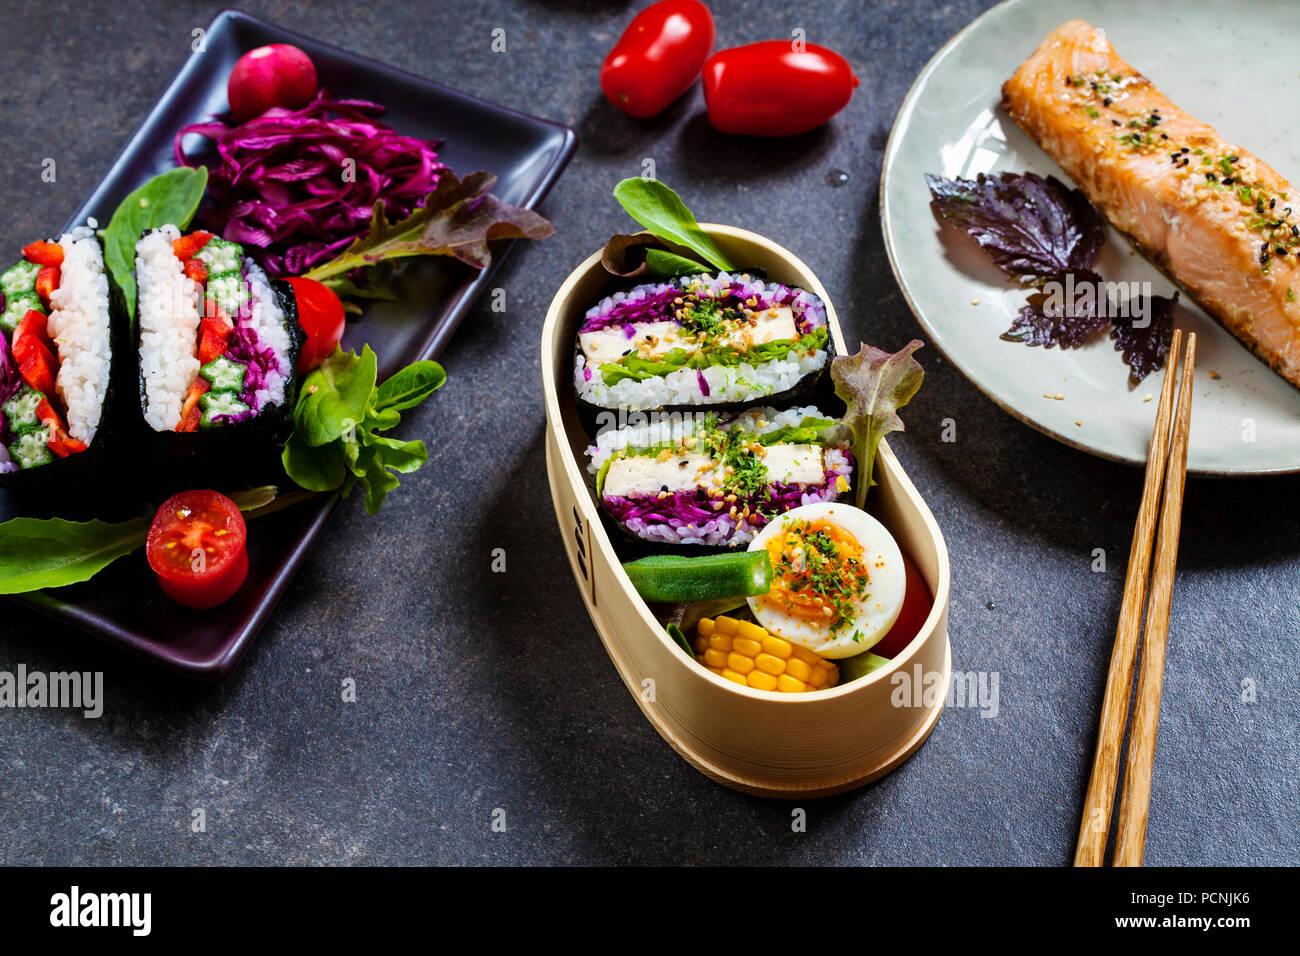 Japanisches Mittagessen mit Tofu onigirazu und Lachs Stockbild